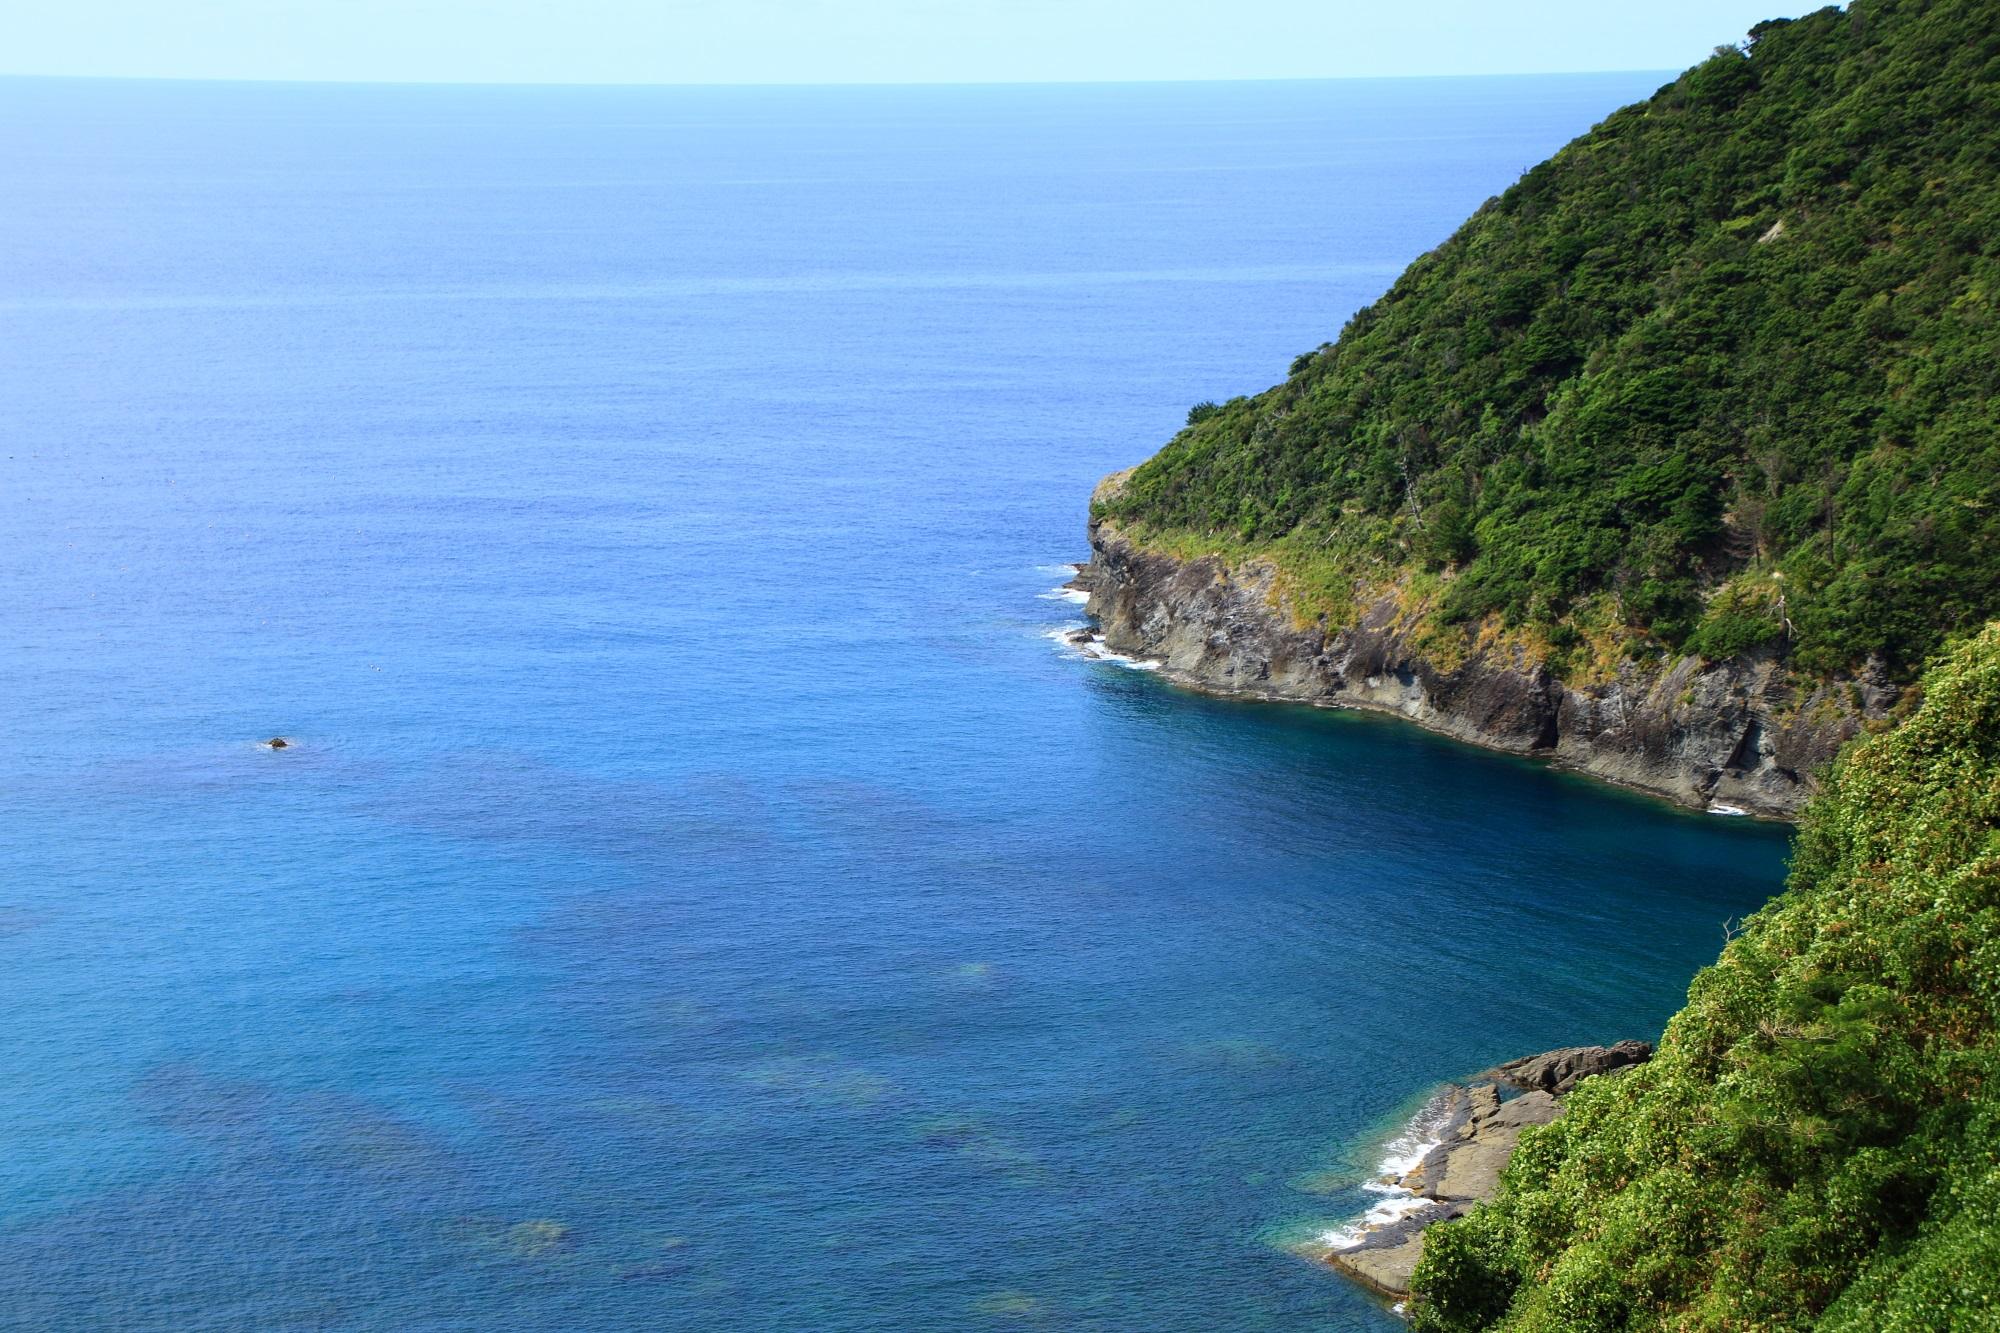 Kyoto Kyotango Inugasaki and blue sea